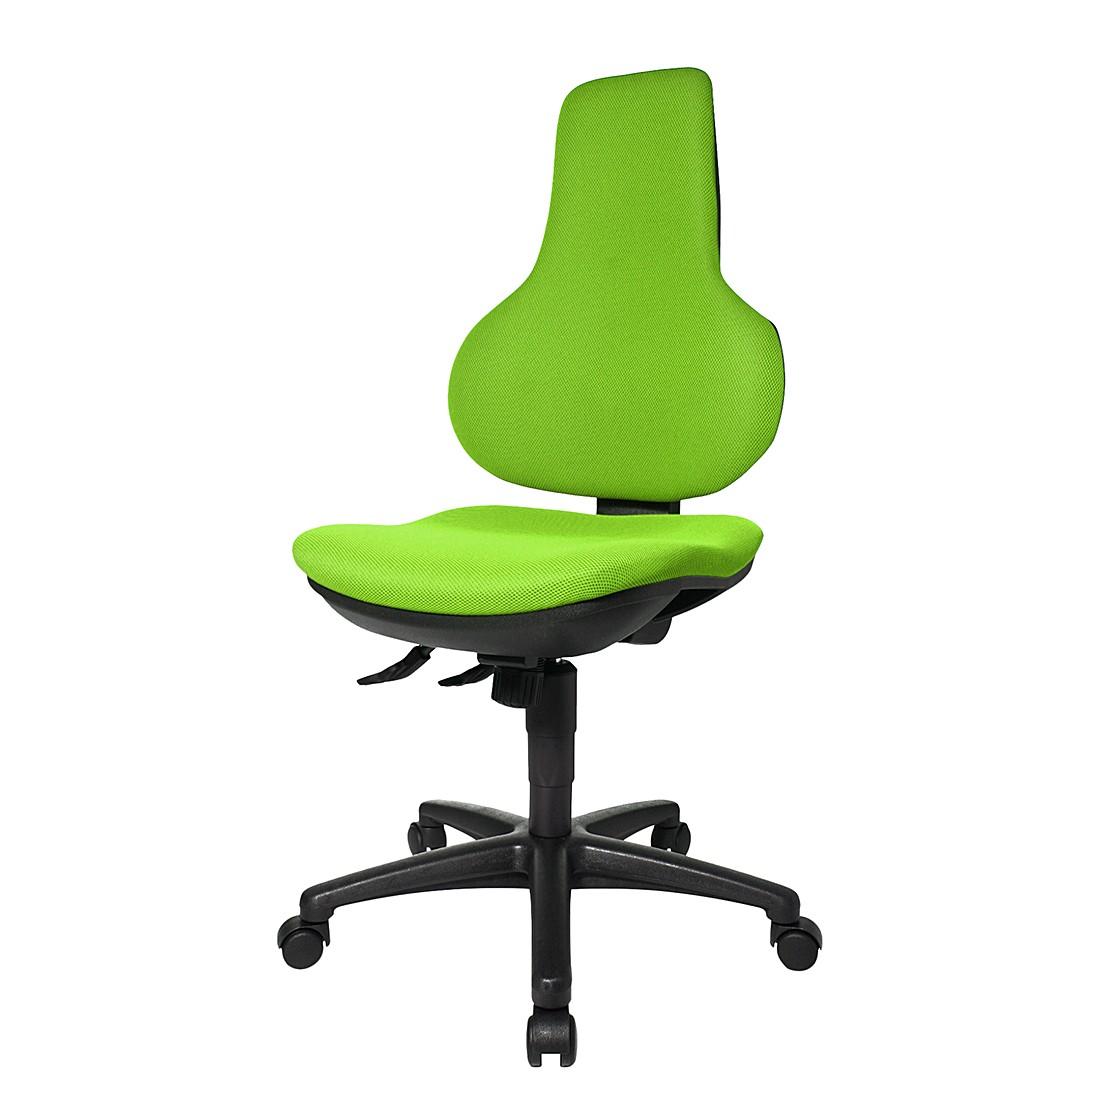 Bürodrehstuhl Ergo Point SY – Ohne Armlehnen – Grün, Topstar kaufen